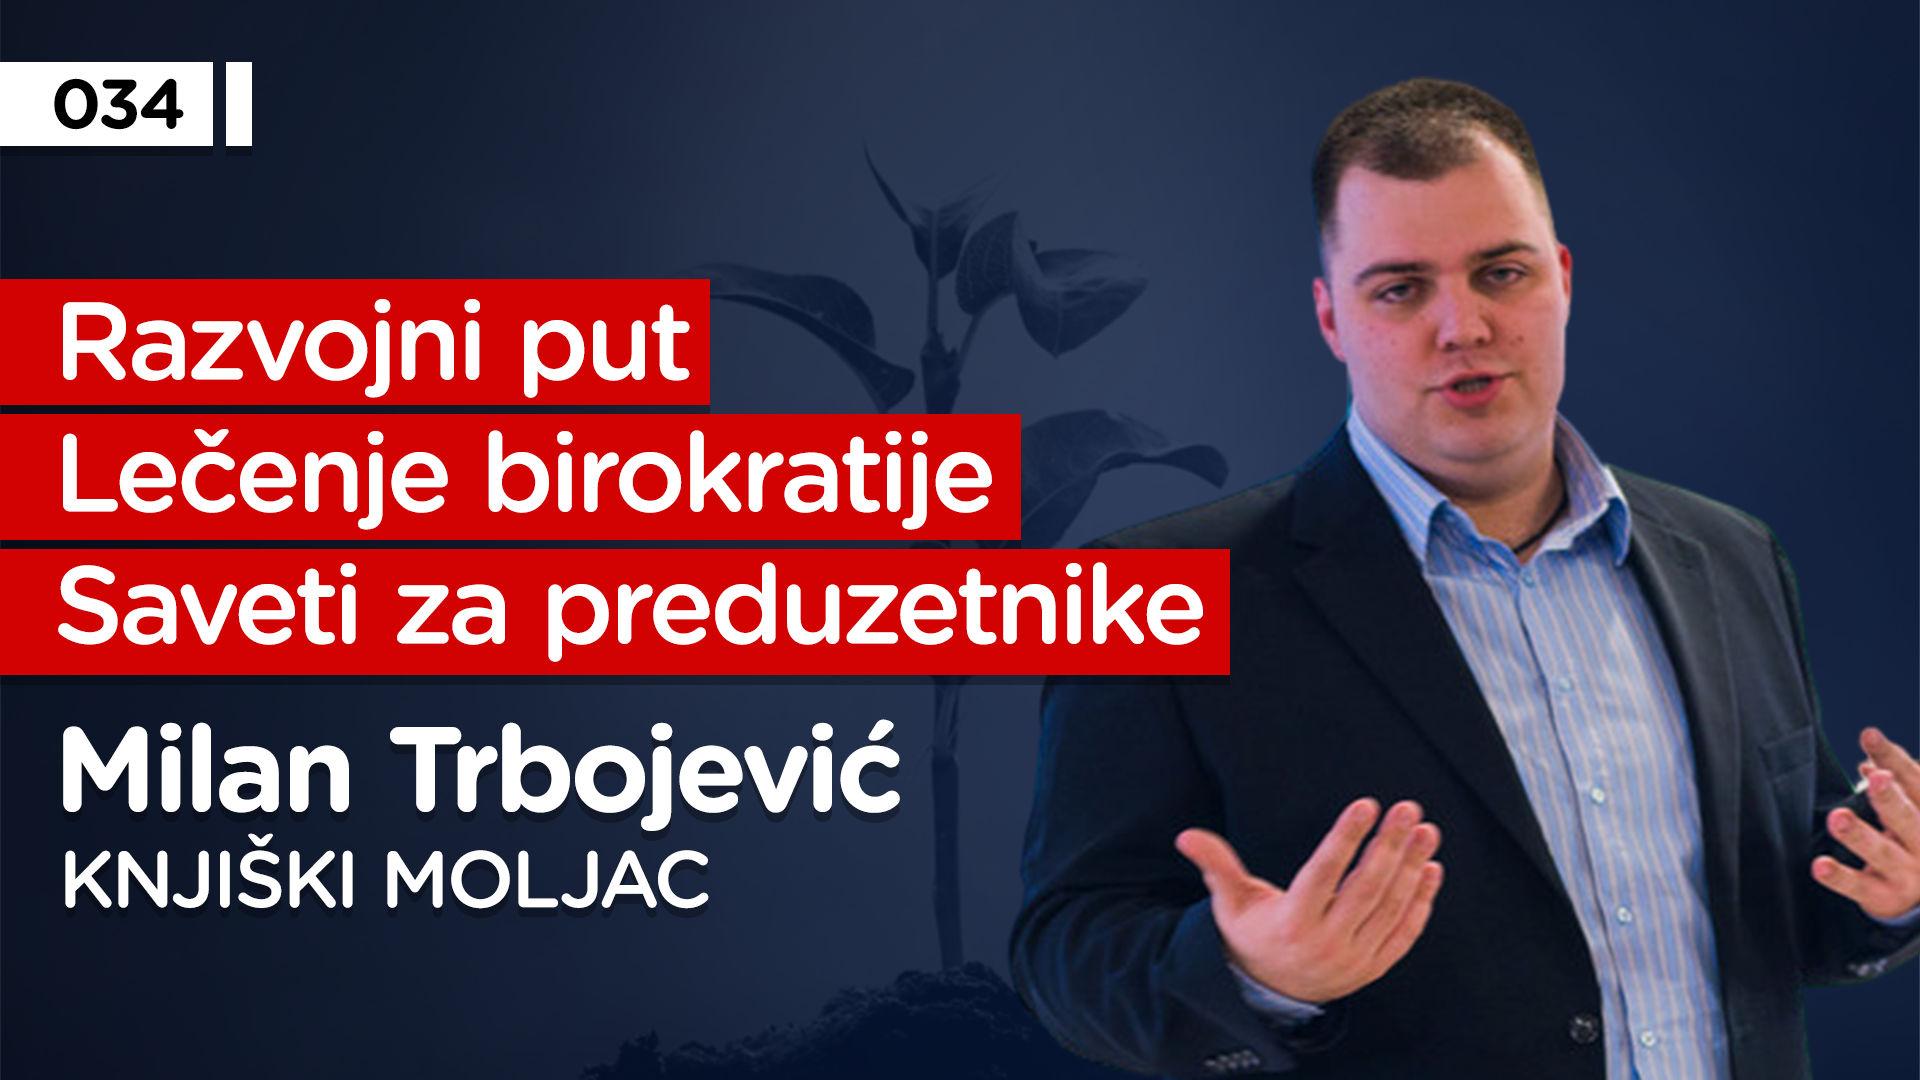 EP034: Milan Trbojević